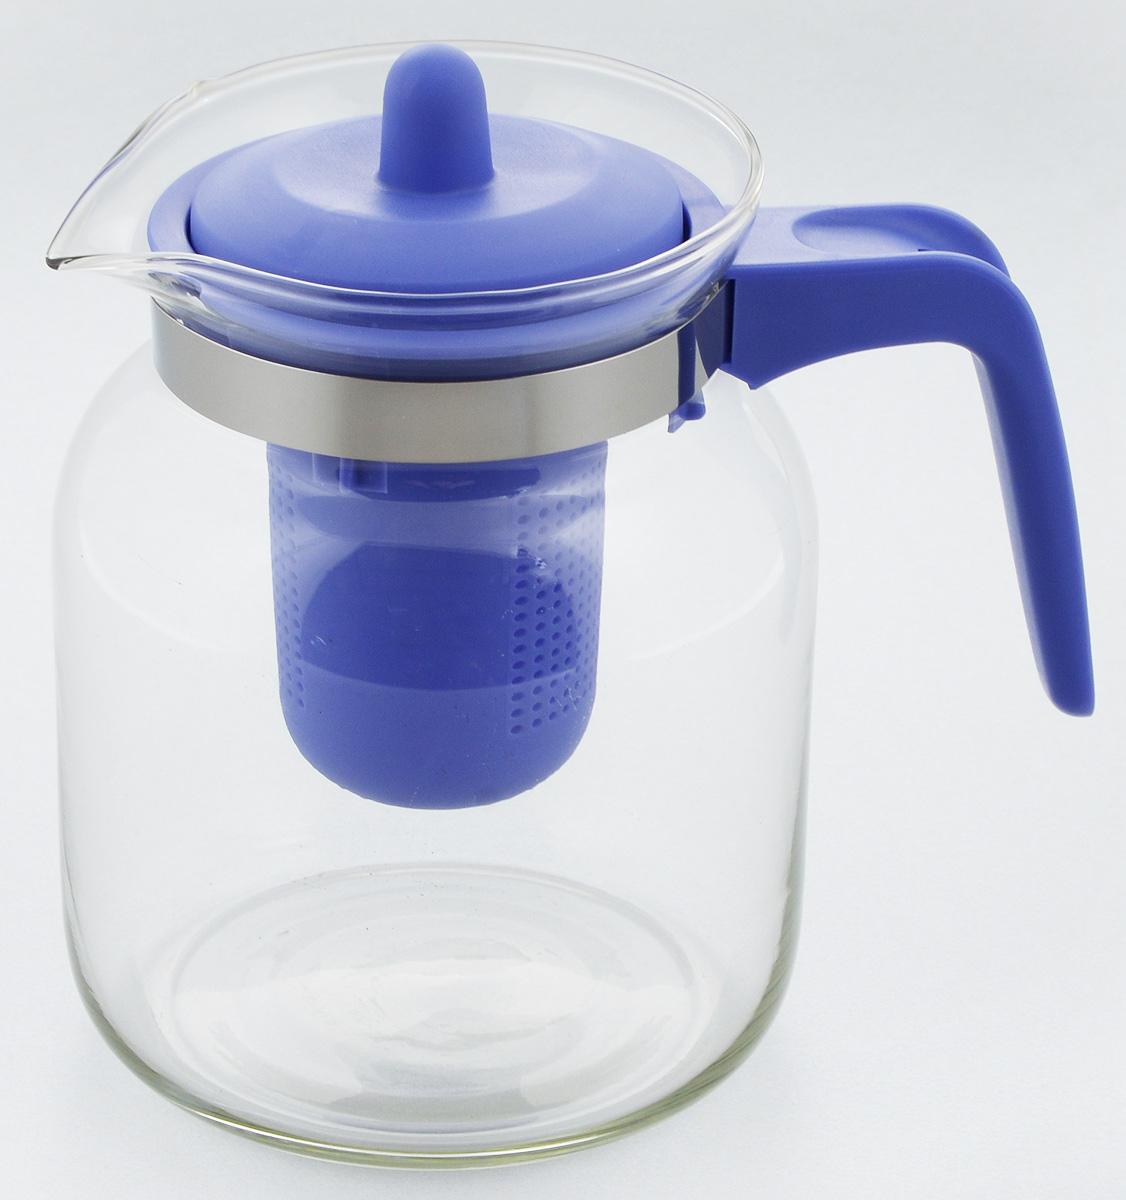 Чайник-кувшин Menu Чабрец, с фильтром, цвет: прозрачный, синий, 1,45 л54 009312Чайник-кувшин Menu Чабрец изготовлен из прочного стекла, которое выдерживает температуру до 100°C. Он прекрасно подойдет для заваривания чая и травяных настоев.Классический стиль и оптимальный объем делают чайник удобным и оригинальным аксессуаром, который прекрасно подойдет для ежедневного использования. Ручка изделия выполнена из пищевого пластика, она не нагревается и обеспечивает безопасность использования. Благодаря съемному ситечку и оптимальной форме колбы, чайник-кувшин Menu Чабрец идеально подходит для использования его в качестве кувшина для воды и прохладительных напитков.Диаметр чайника по верхнему краю: 10,3 см.Общий диаметр чайника: 11 см.Высота чайника (без учета ручки и крышки): 15,6 см.Высота чайника (с учетом ручки и крышки): 17 см.